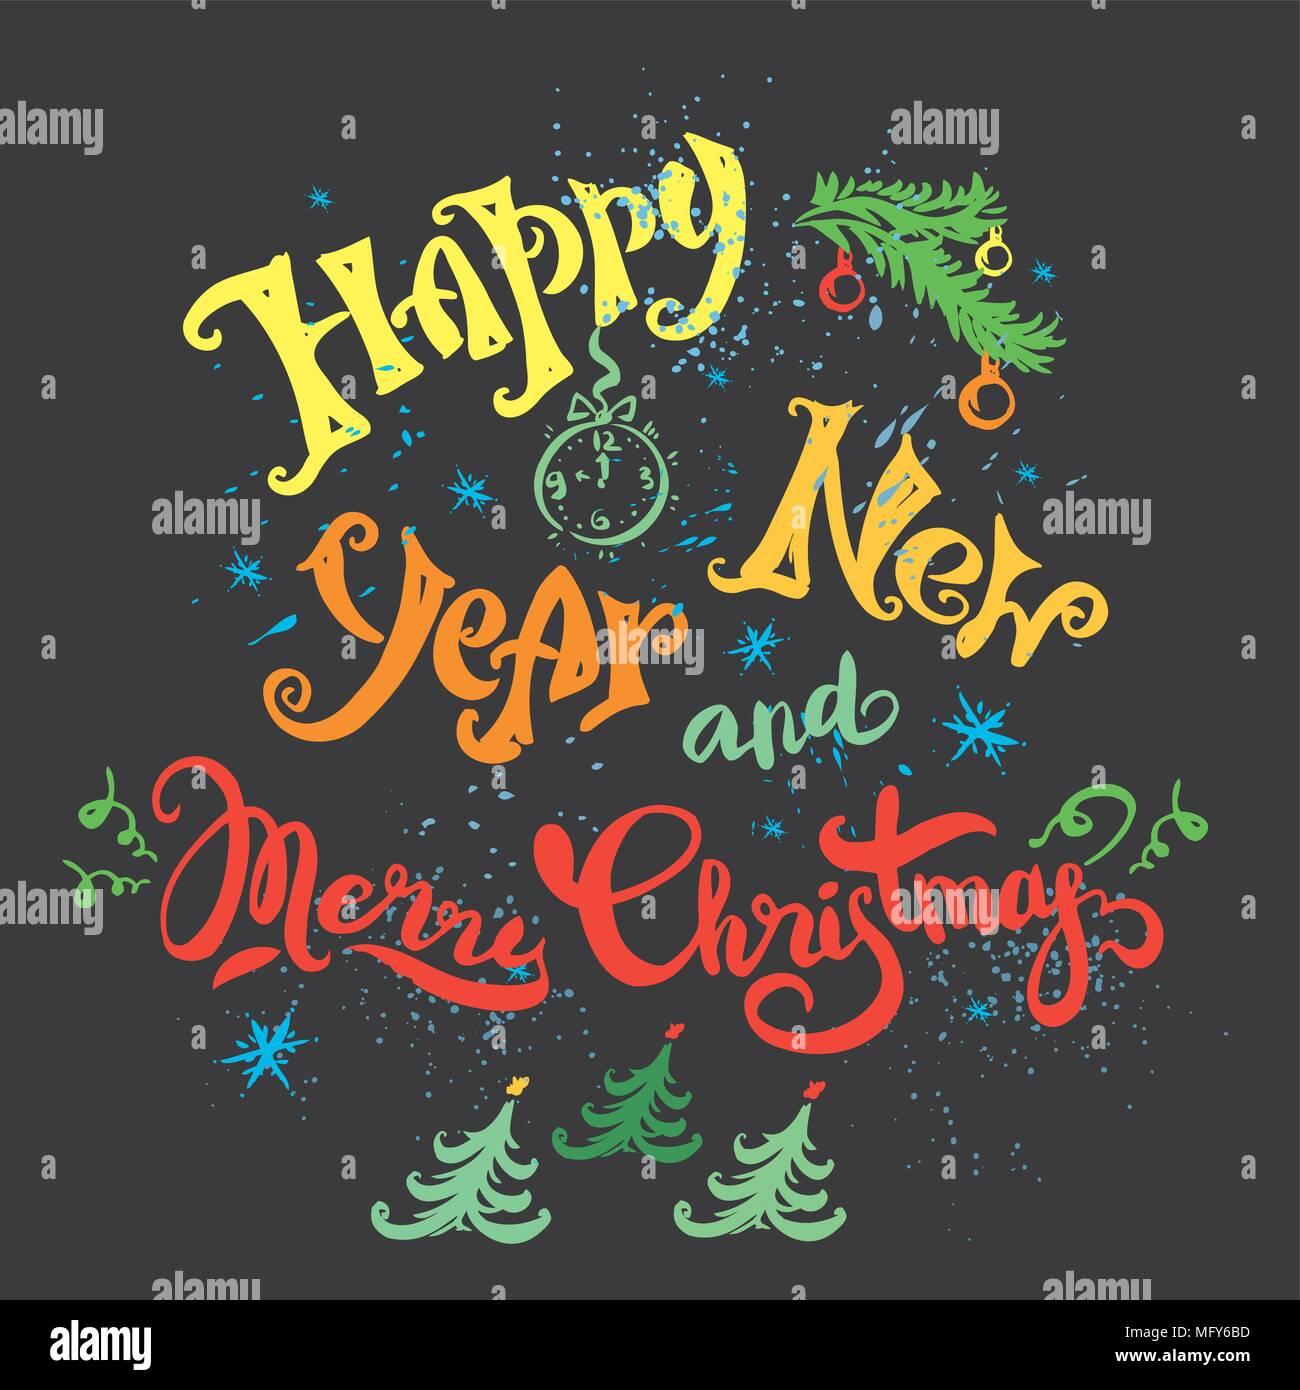 Feliz Año Nuevo 2017 Vintage de caligrafía de tarjetas de felicitación de Año  Nuevo vacaciones, dibujadas a mano vintage Grunge antecedentes Feliz Año  Nuevo 2017, vector illustrati Imagen Vector de stock - Alamy